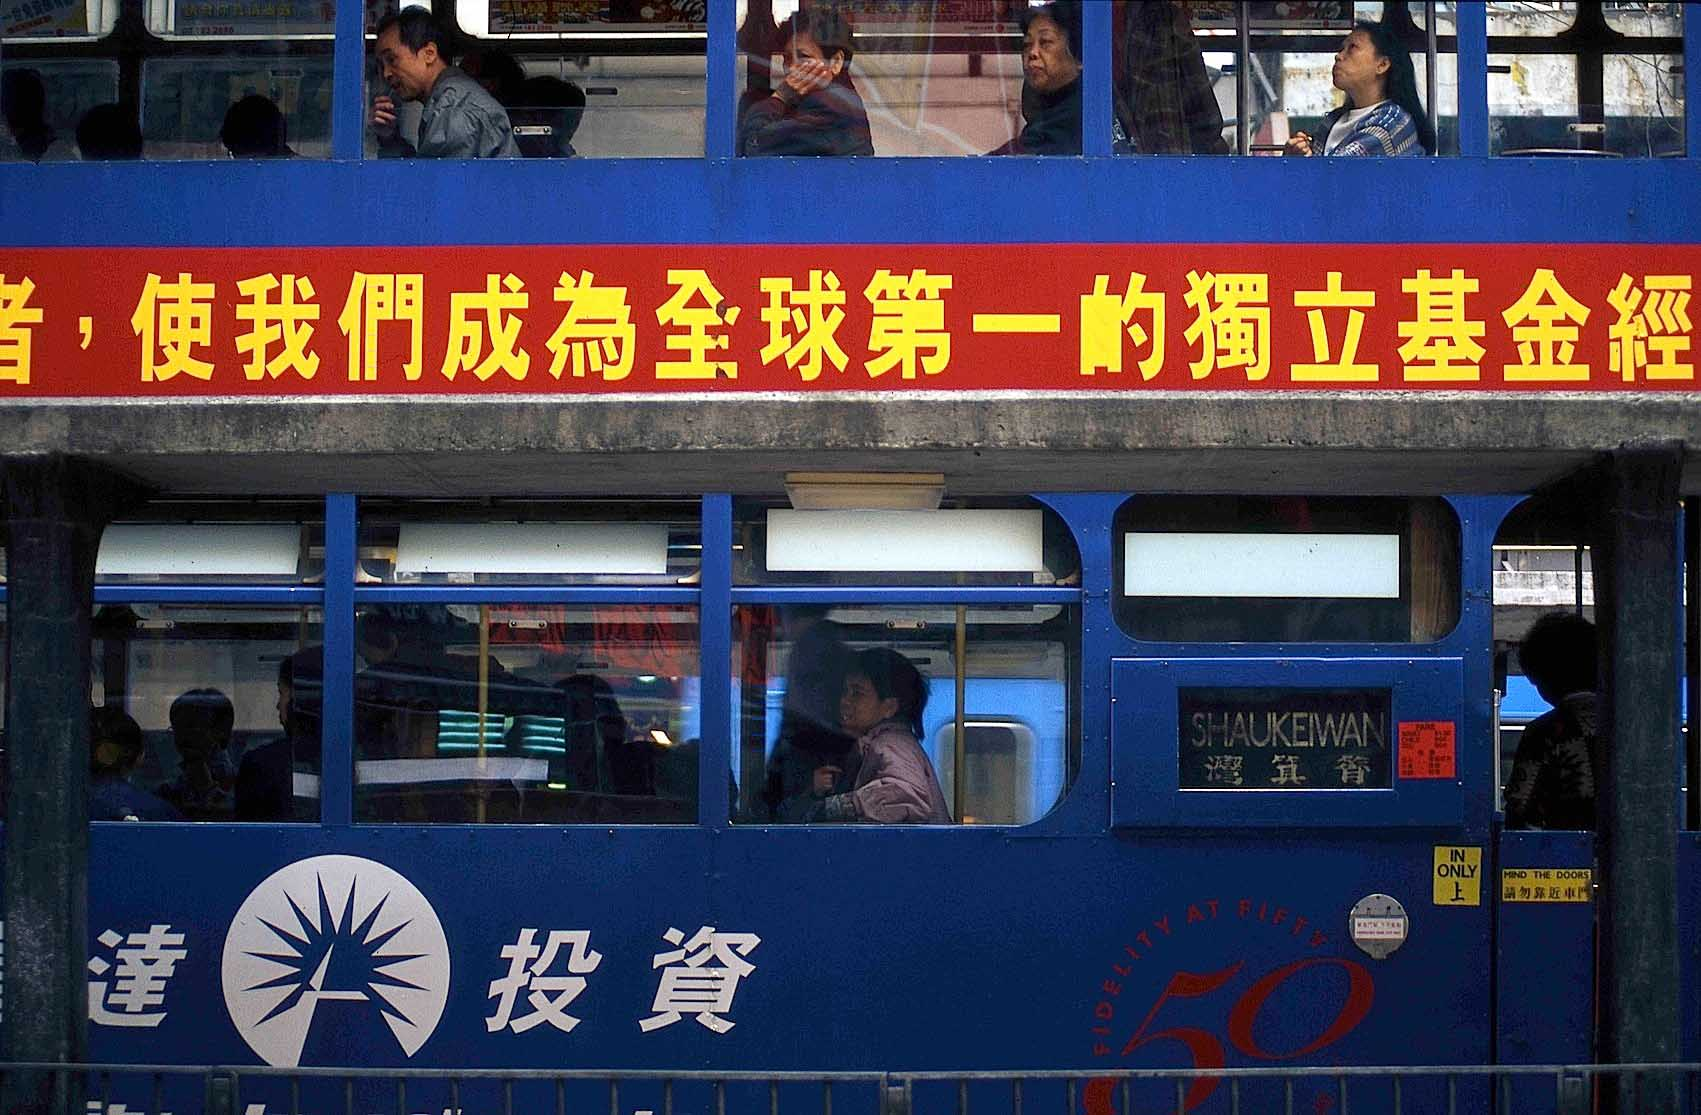 01042014-aaaHong Kong 1 rid